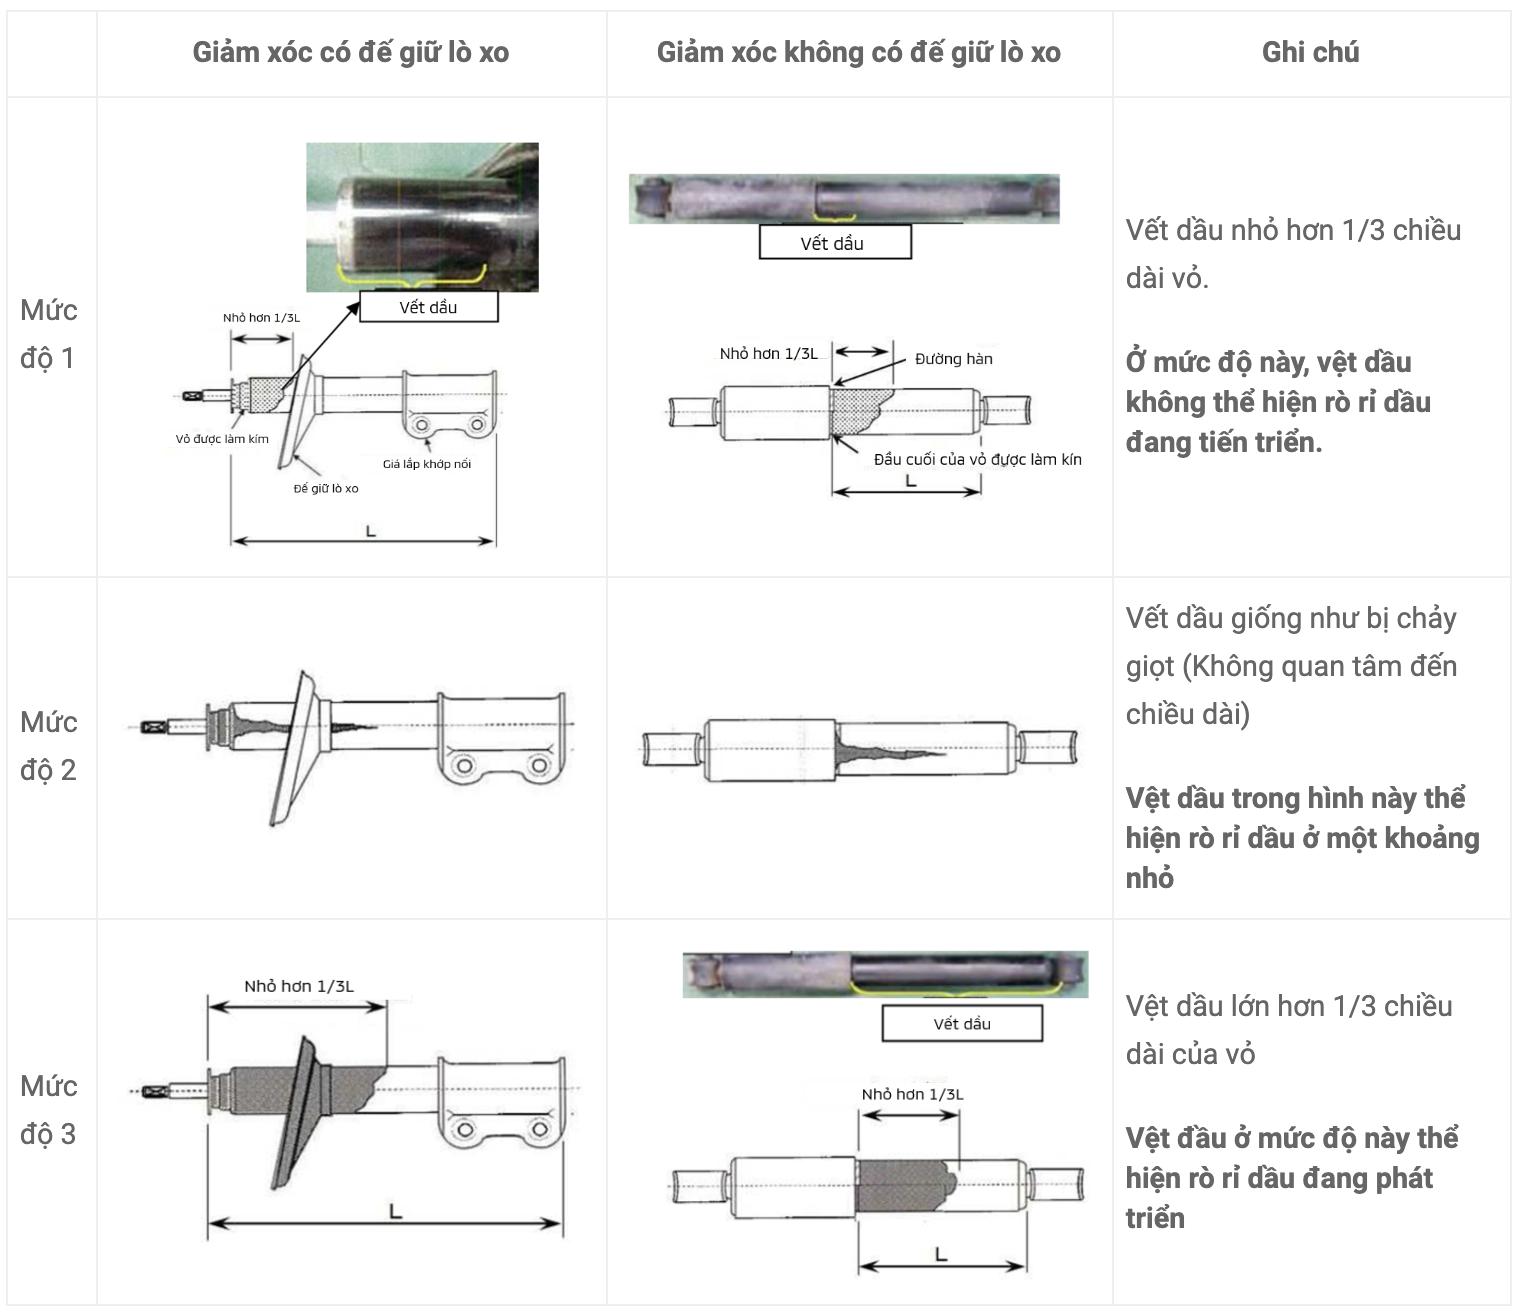 Mitsubishi Việt Nam hướng dẫn cách nhận biết lỗi rò rỉ dầu giảm xóc - 4